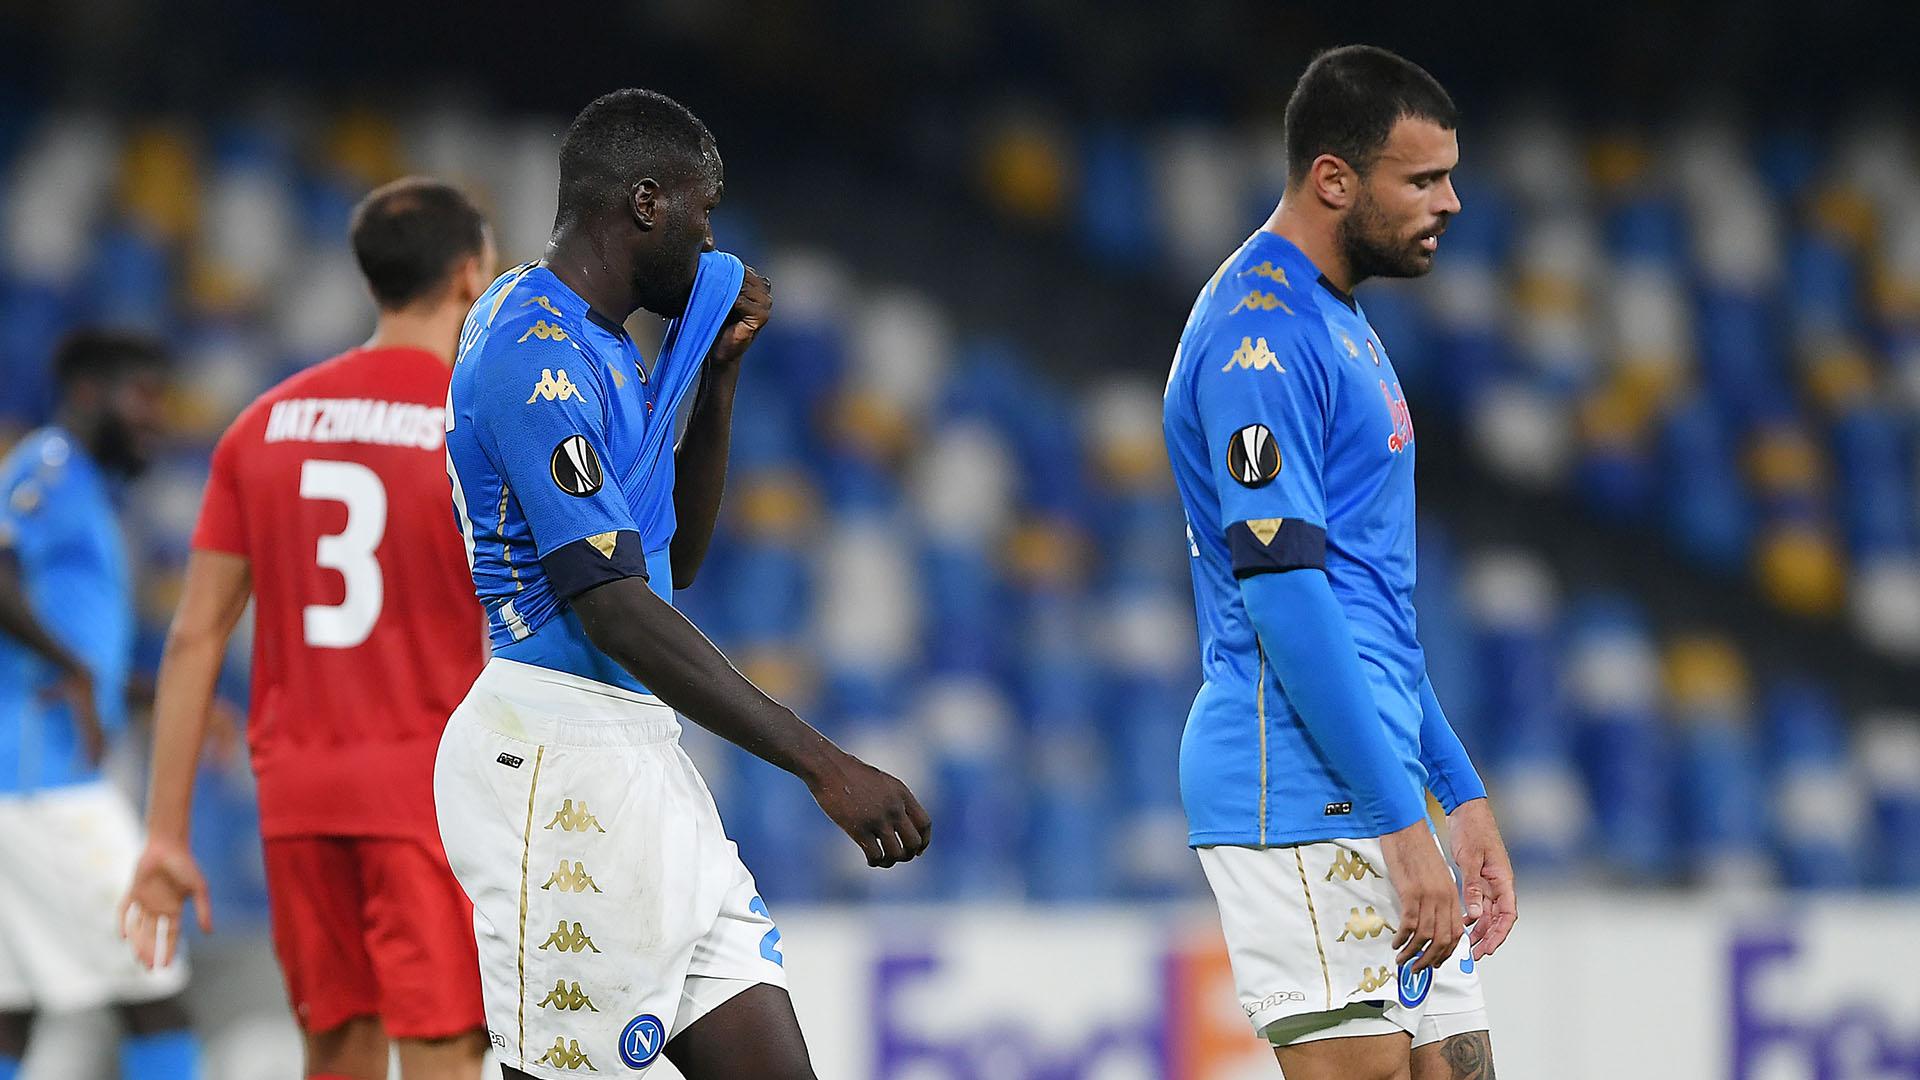 Europa League: le foto di Napoli-AZ Alkmaar 0-1 - Europa League: le foto di Napoli-AZ Alkmaar 0-1   Virgilio Sport